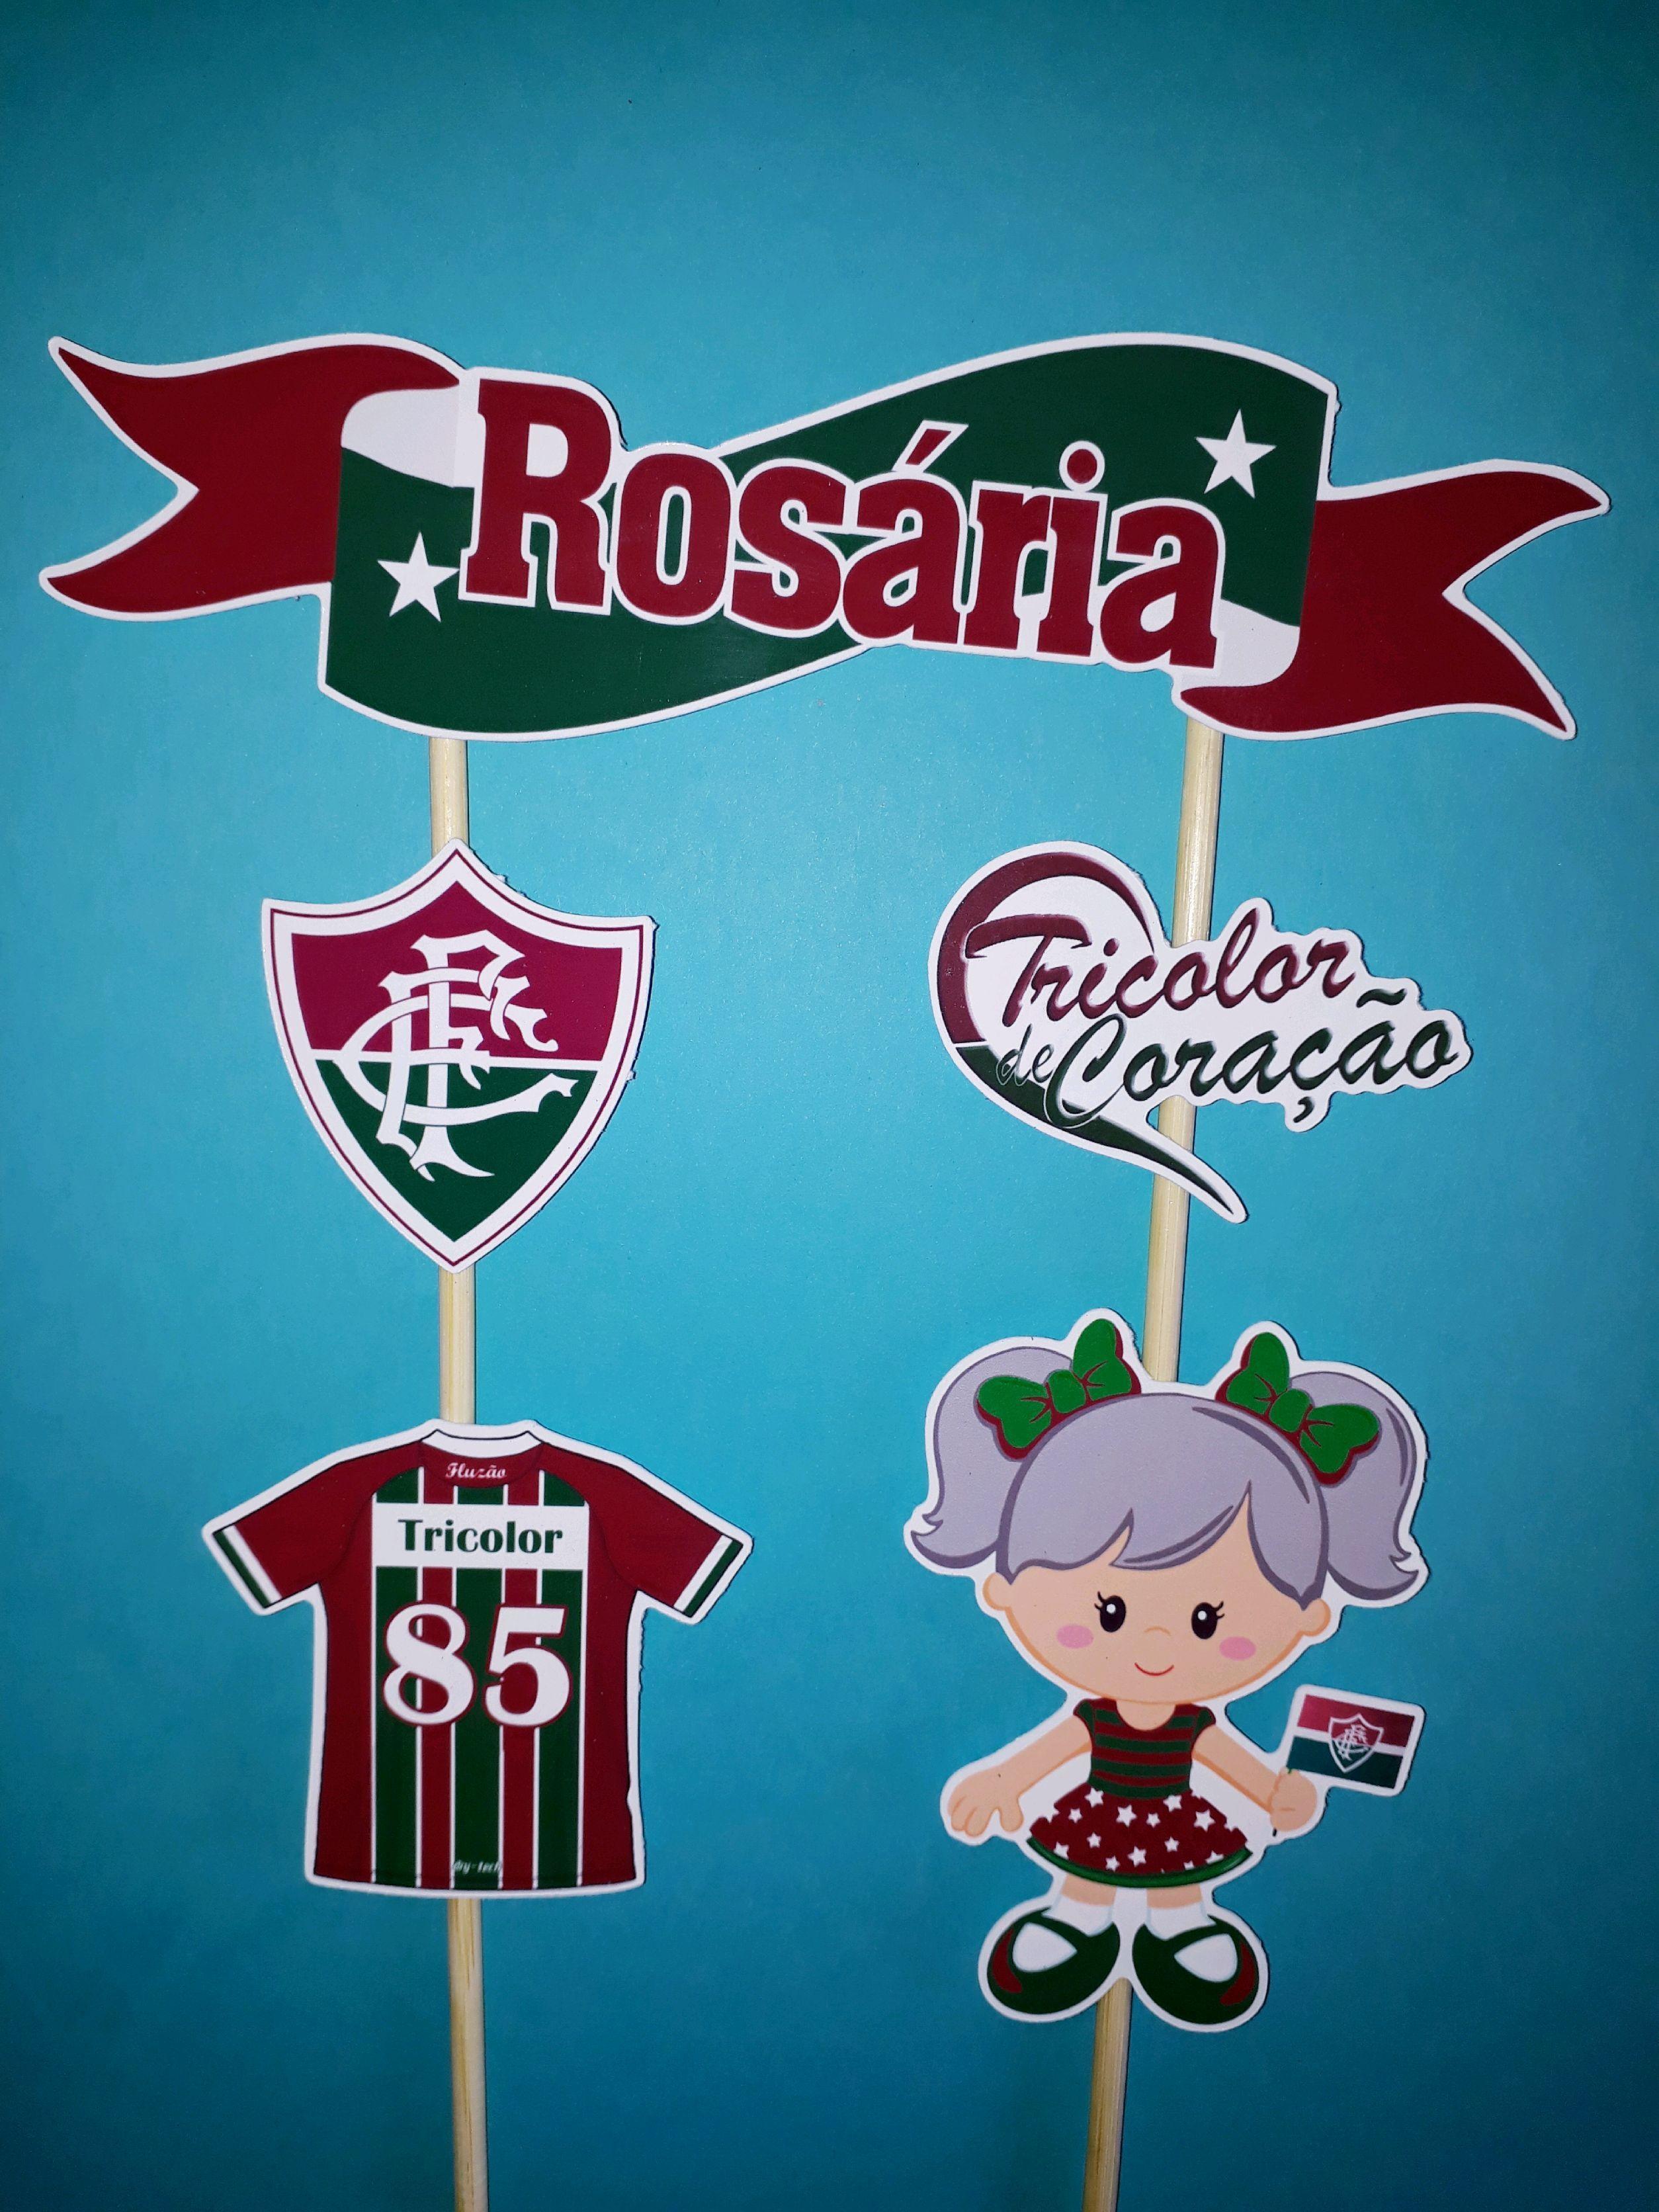 Enfeites do Fluminense  f7f96b24729d7